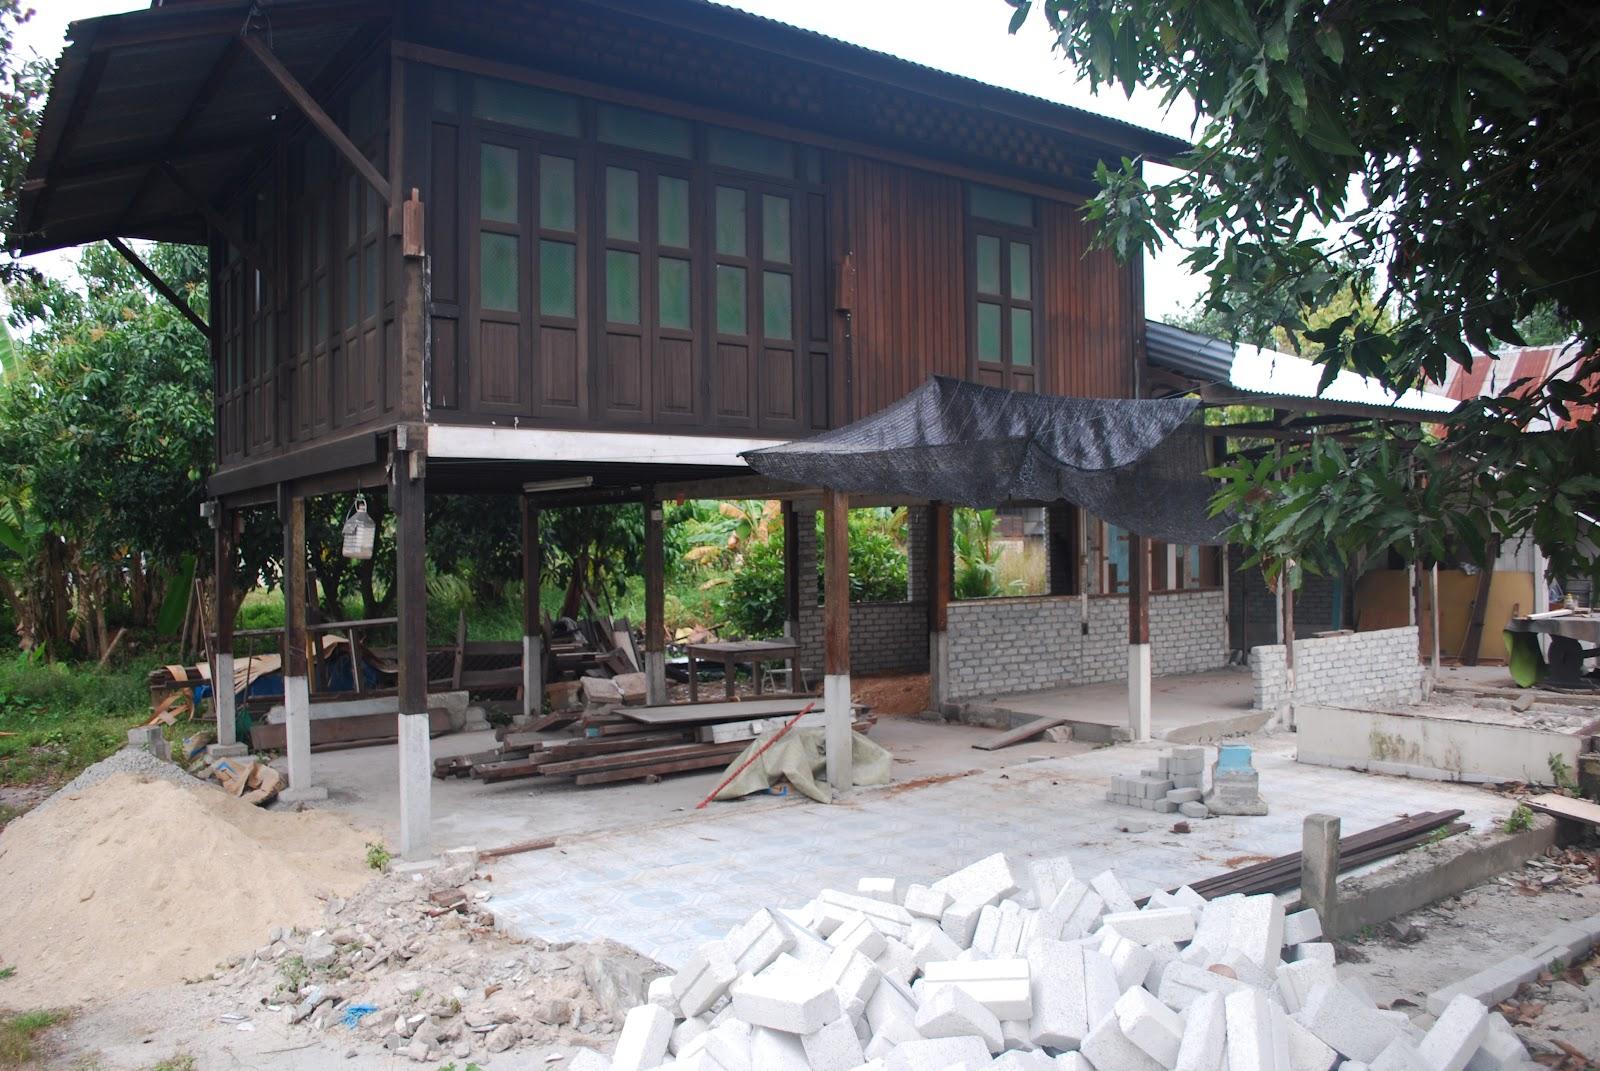 La Tea Garden Asalnya Merupakan Rumah Kampung Yang Telah Di Makeover Menjadi Cafe Rekabentuk Asal Ini Adalah Idea Arwah Tuan Seorang Tukang